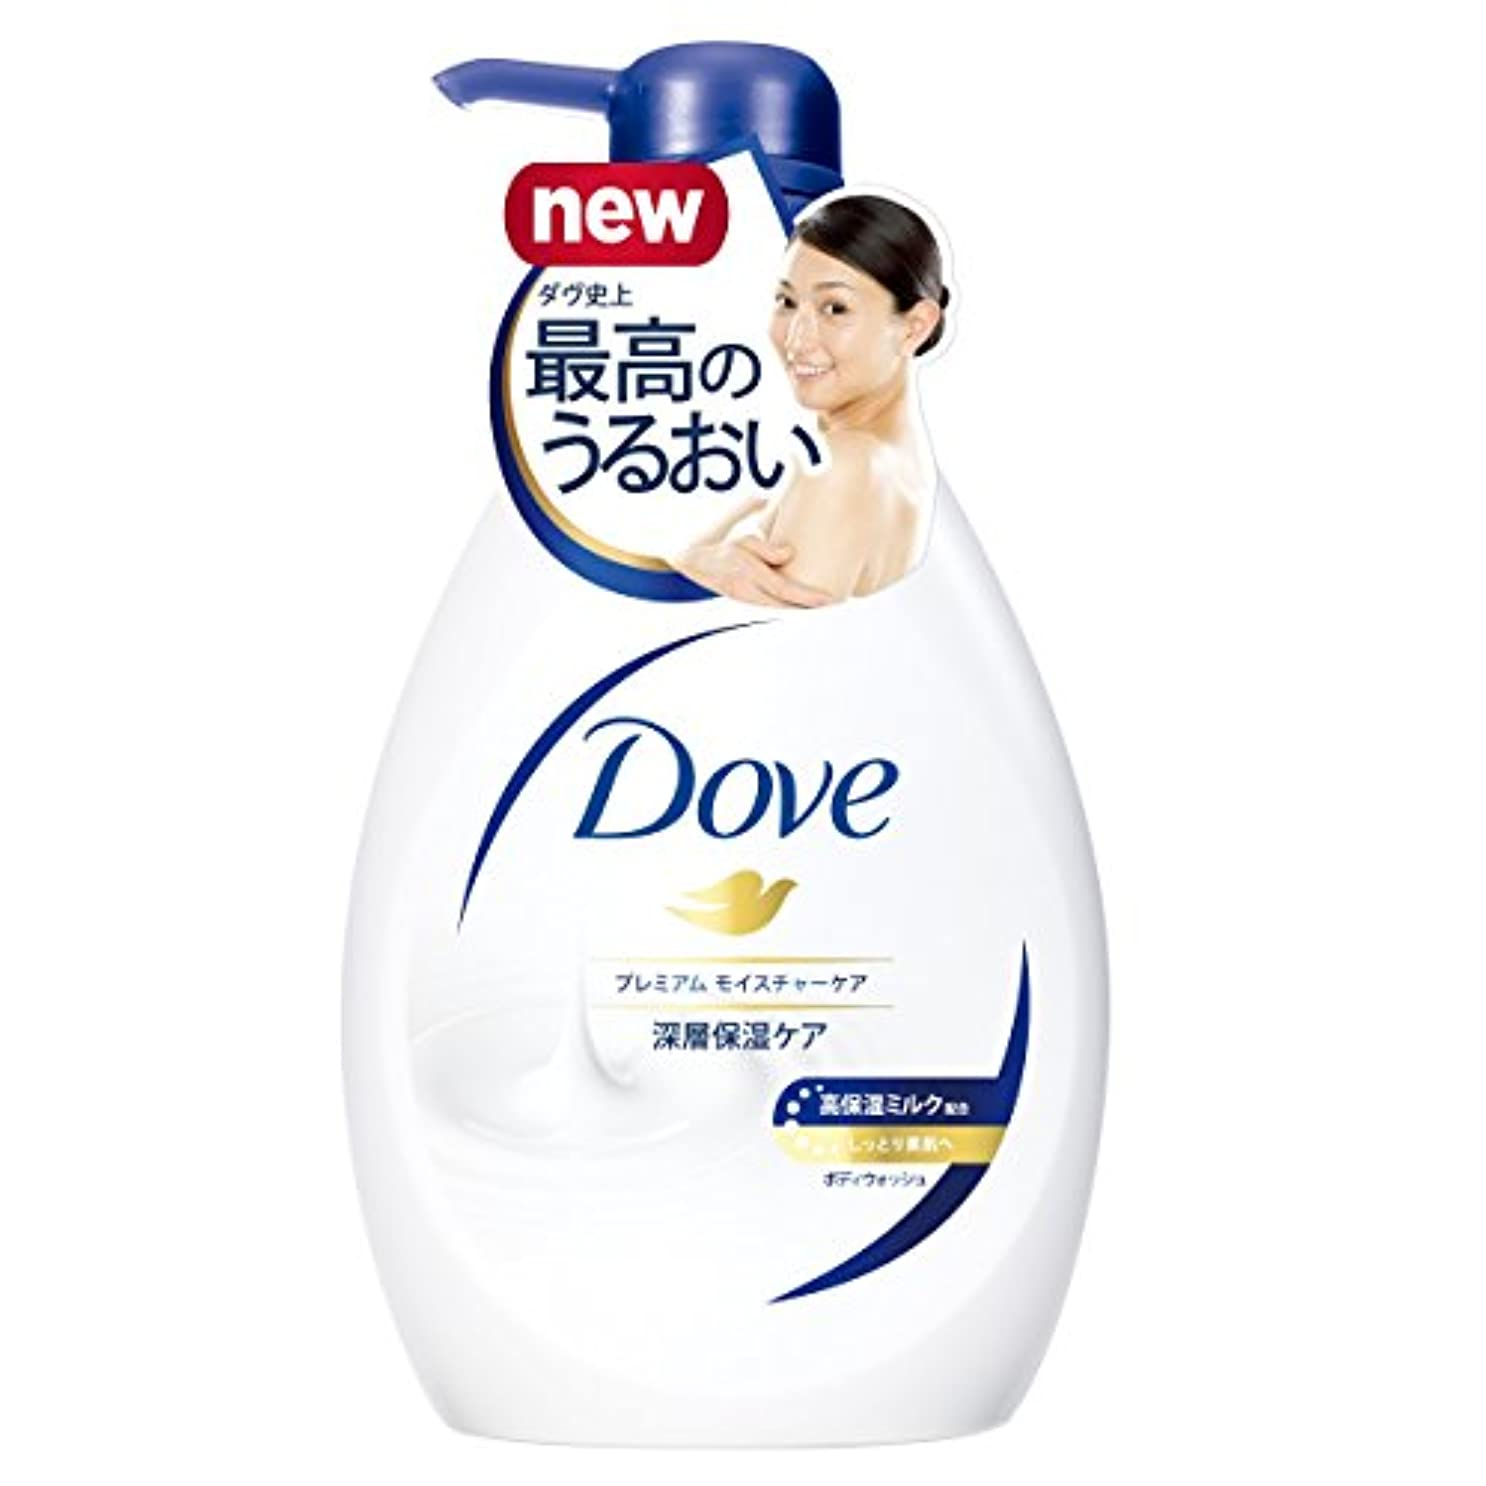 ブラウザ細いめ言葉Dove(ダヴ) ボディウォッシュ プレミアム モイスチャーケア ポンプ 500g